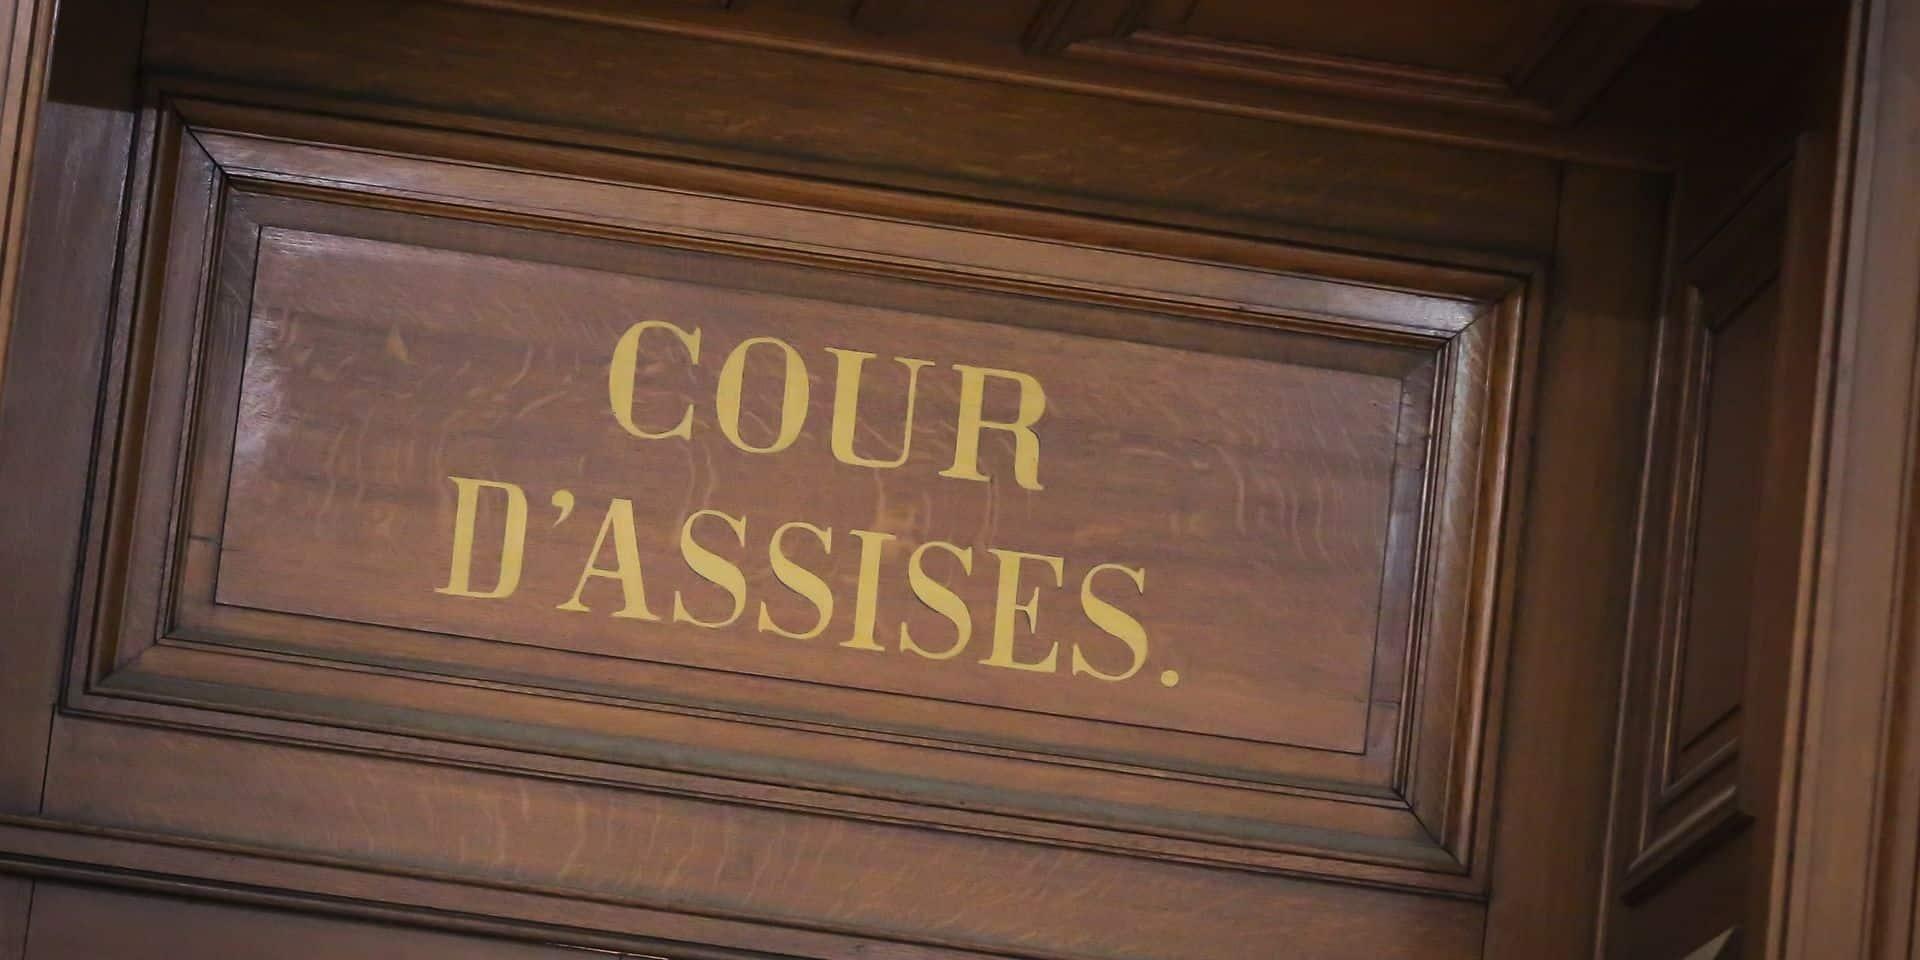 La réforme de la cour d'assises n'aura pas lieu